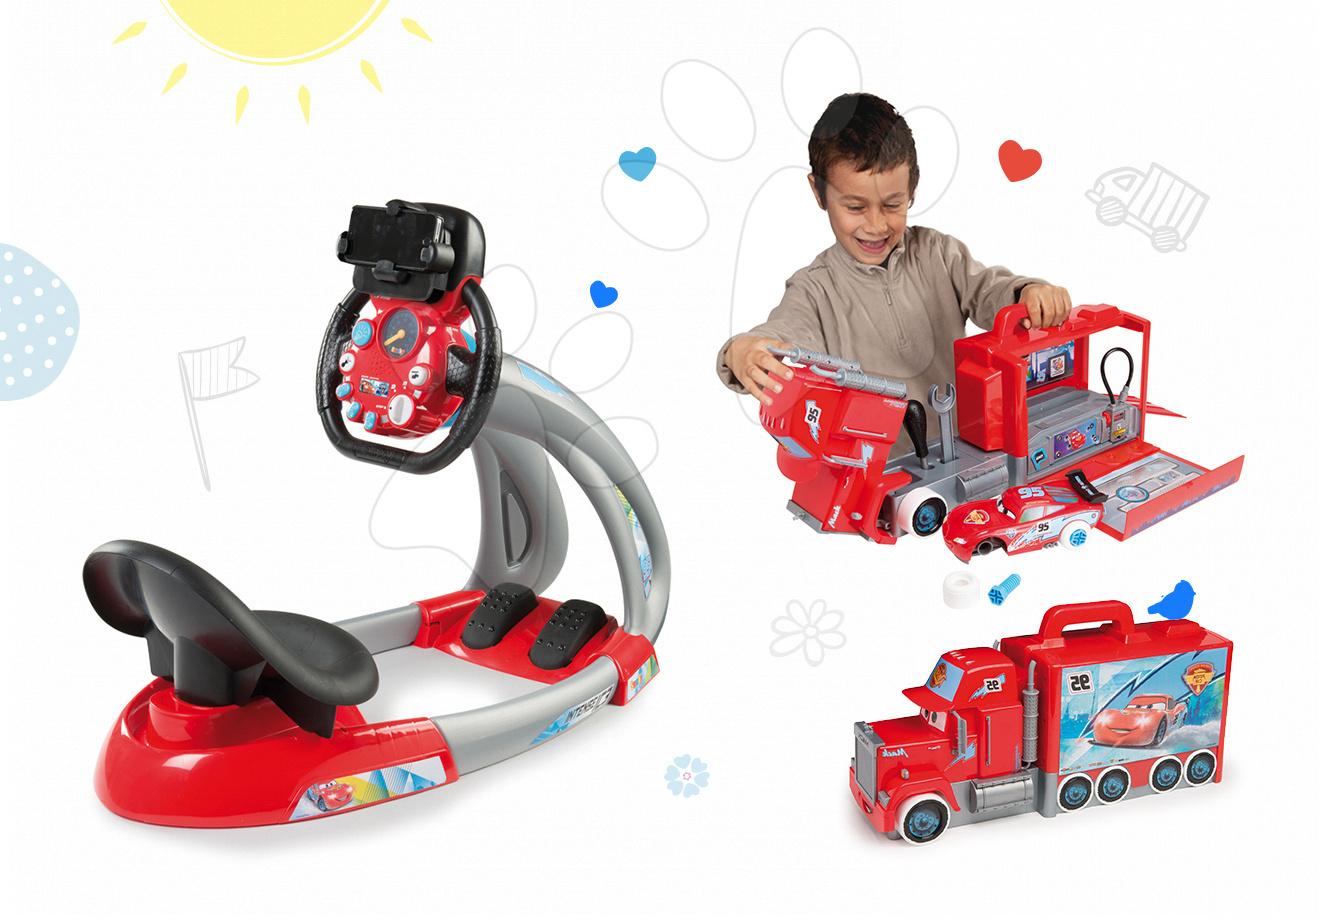 Set trenažér pro děti V8 Driver Smoby elektronický se zvukem a světlem a elektronický kamion s autíčkem McQueen